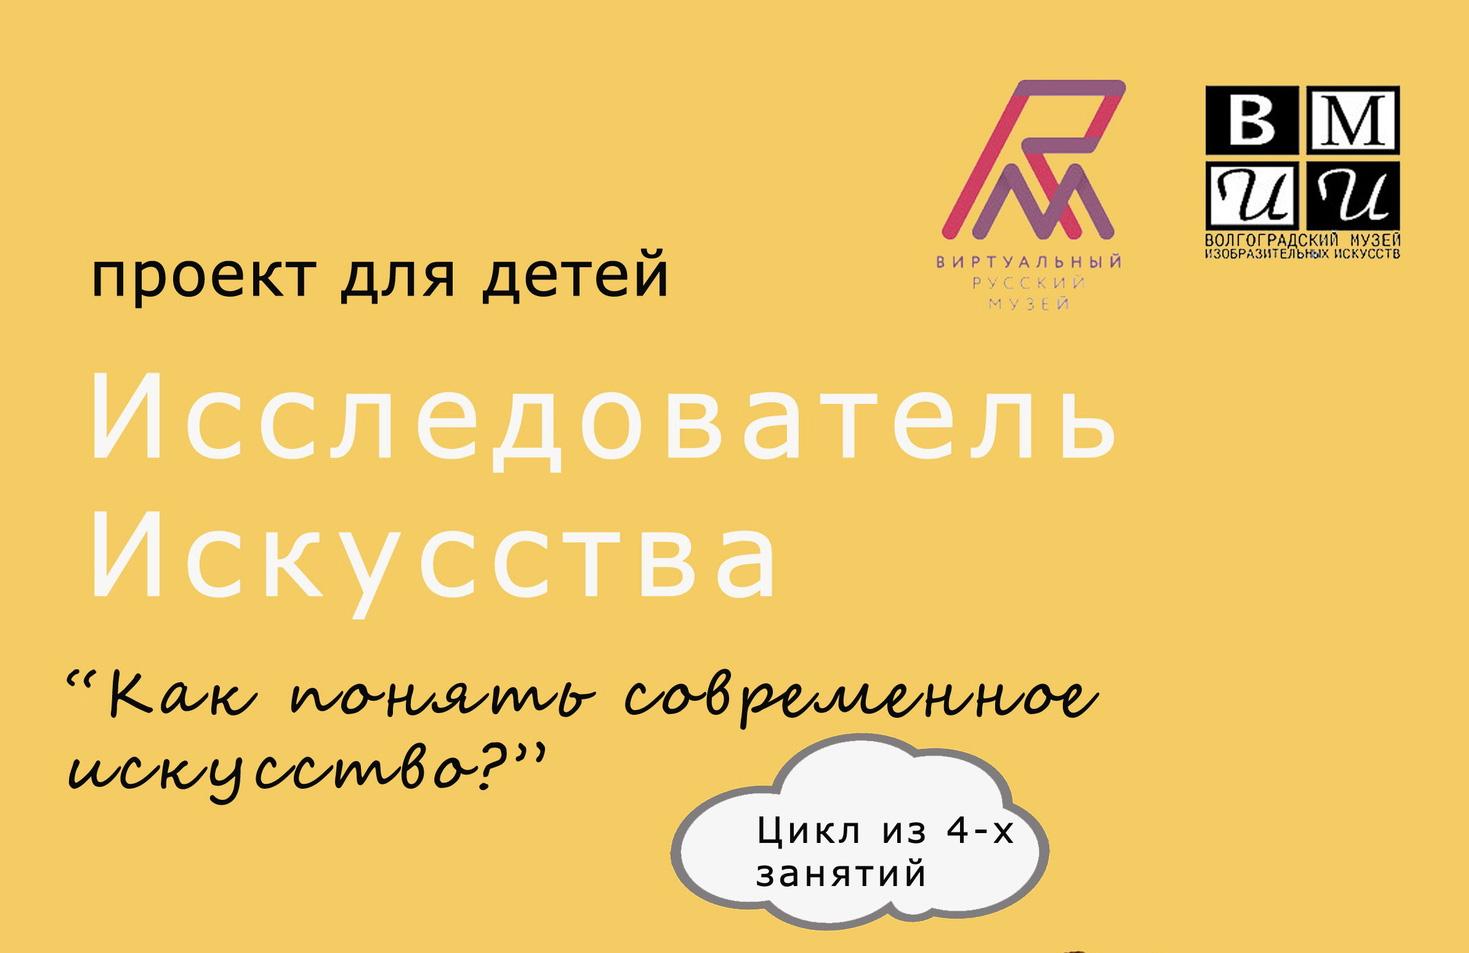 88e2e07e7d26 Новости и события - Виртуальный Pусский музей